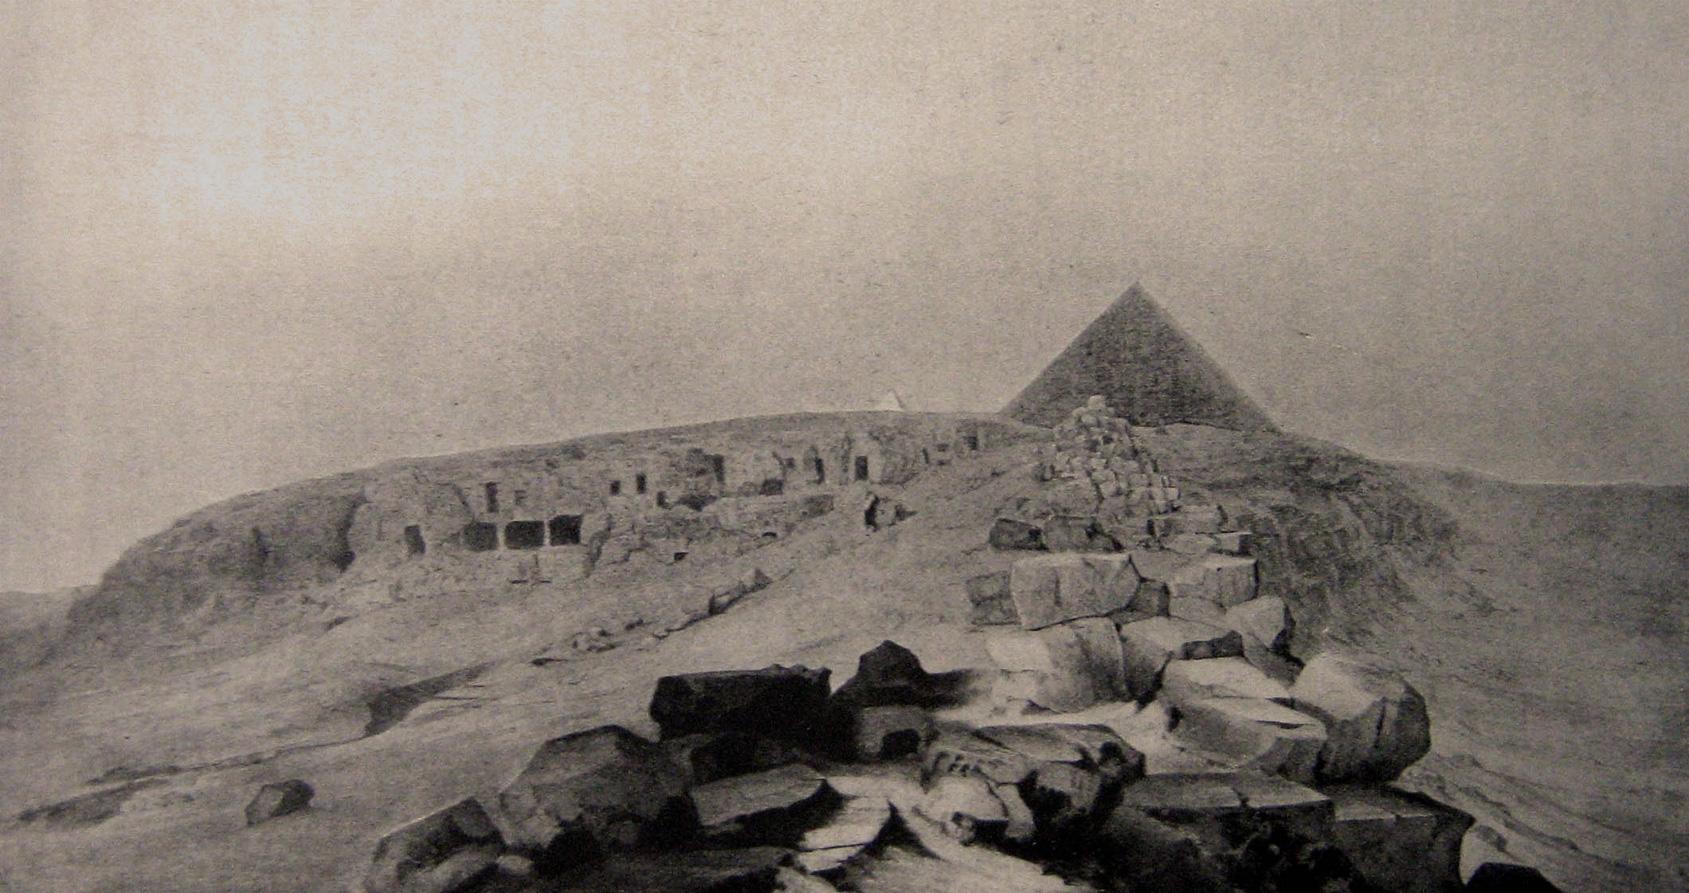 Sur les traces des pillards de la grande pyramide de Khéops